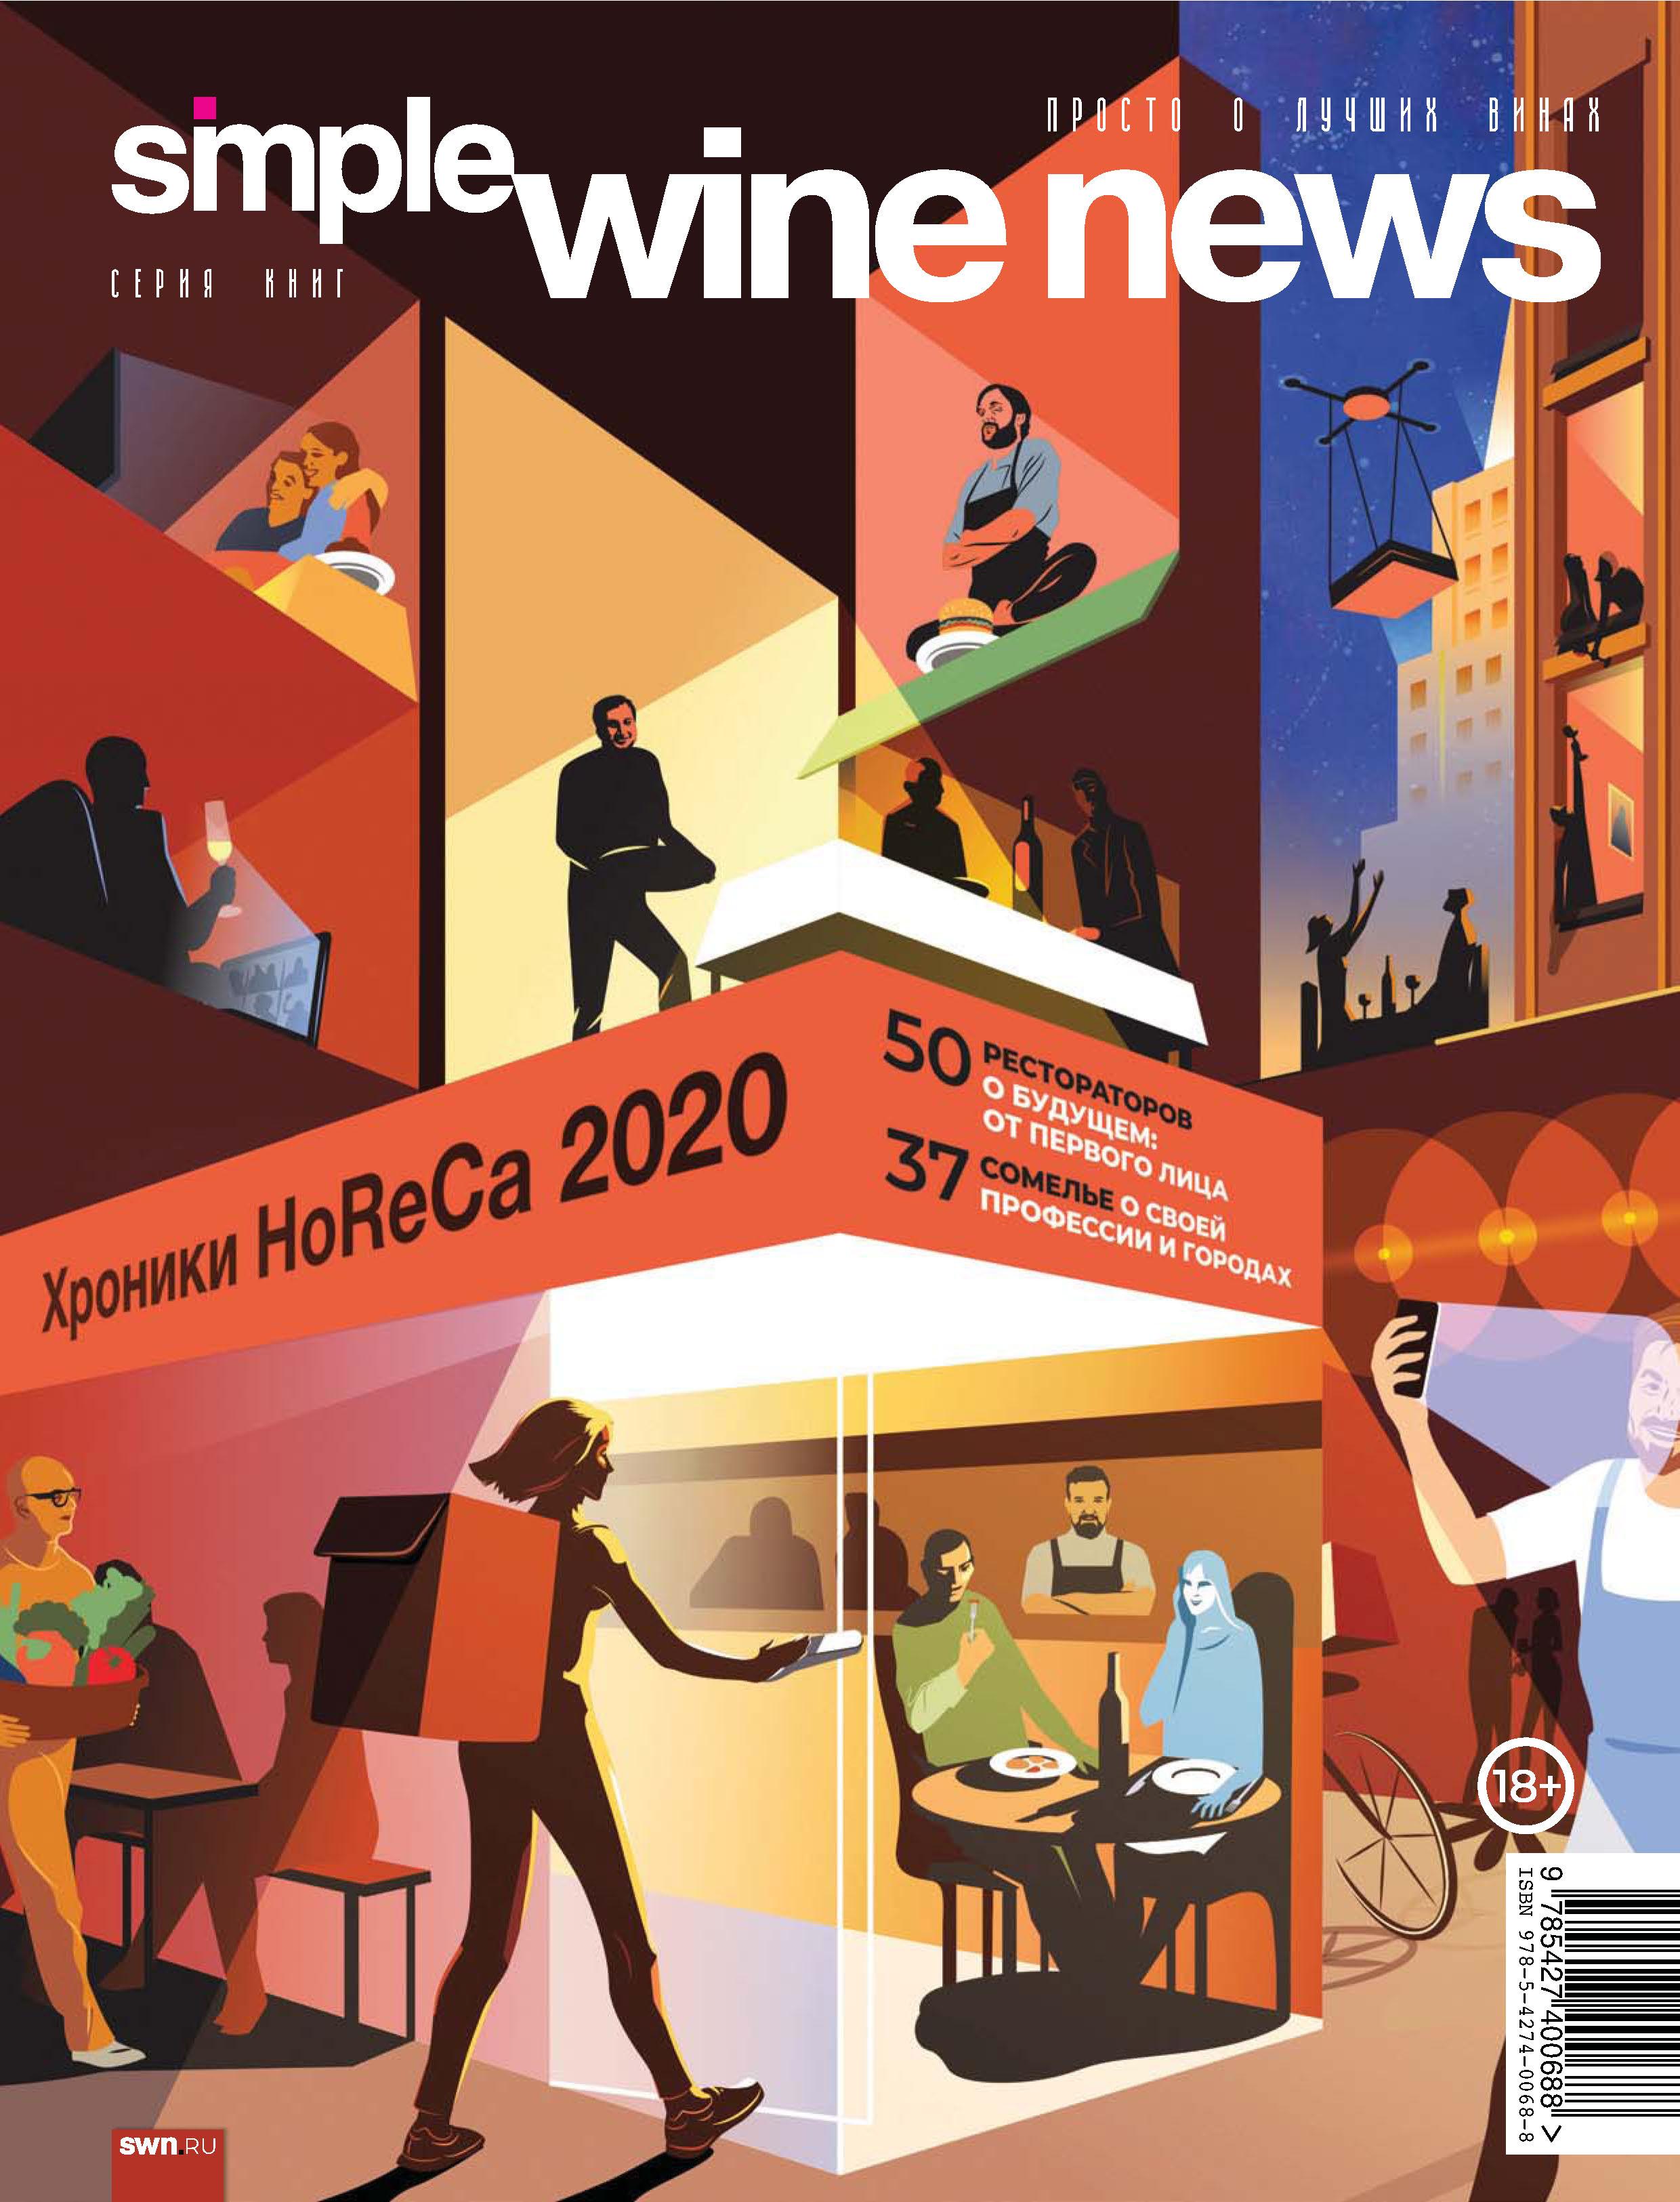 Хроники HoReCa 2020